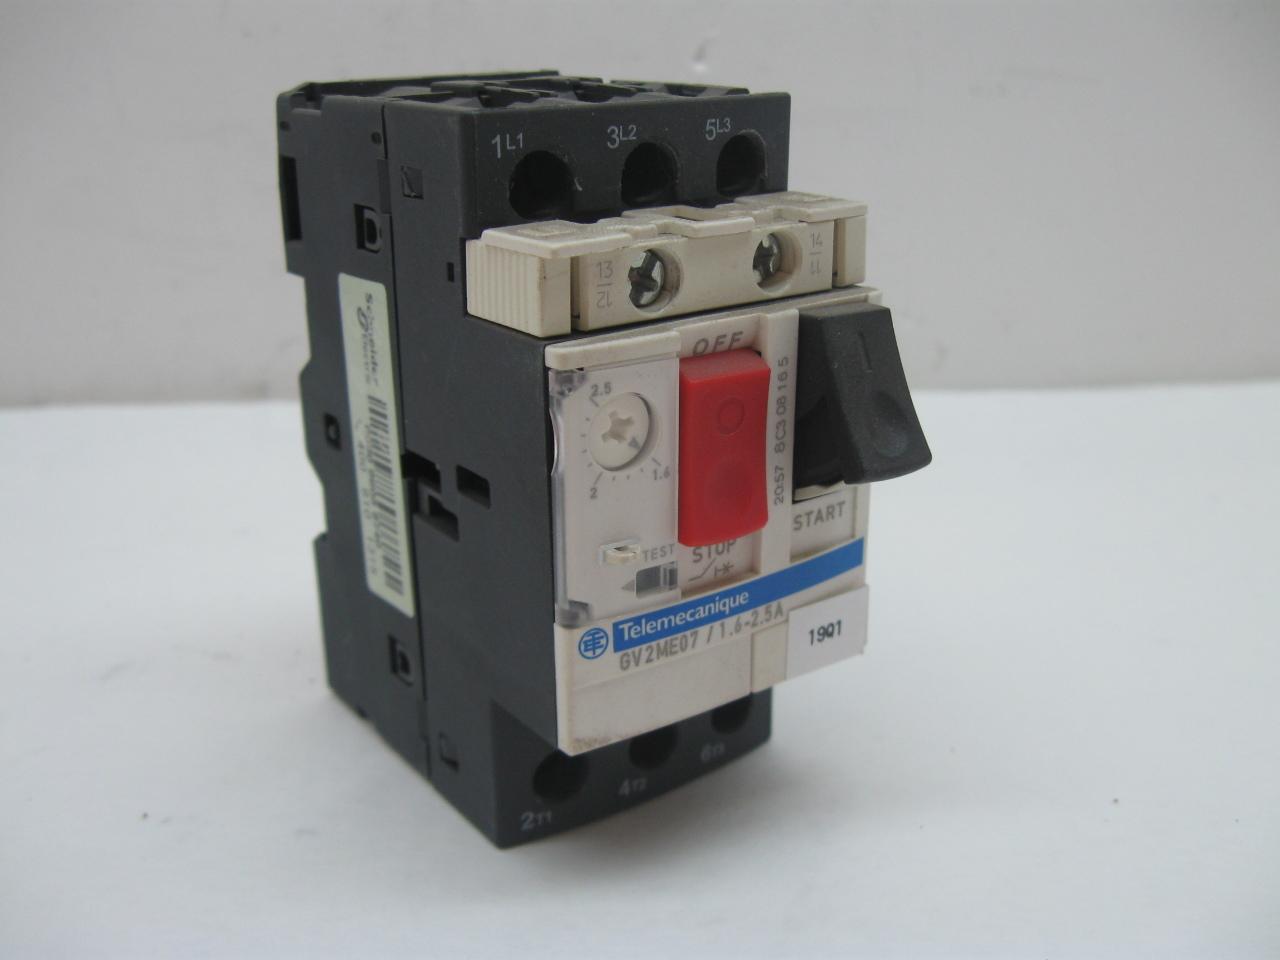 Telemecanique Gv2me07 Manual Motor Starter Adjustable